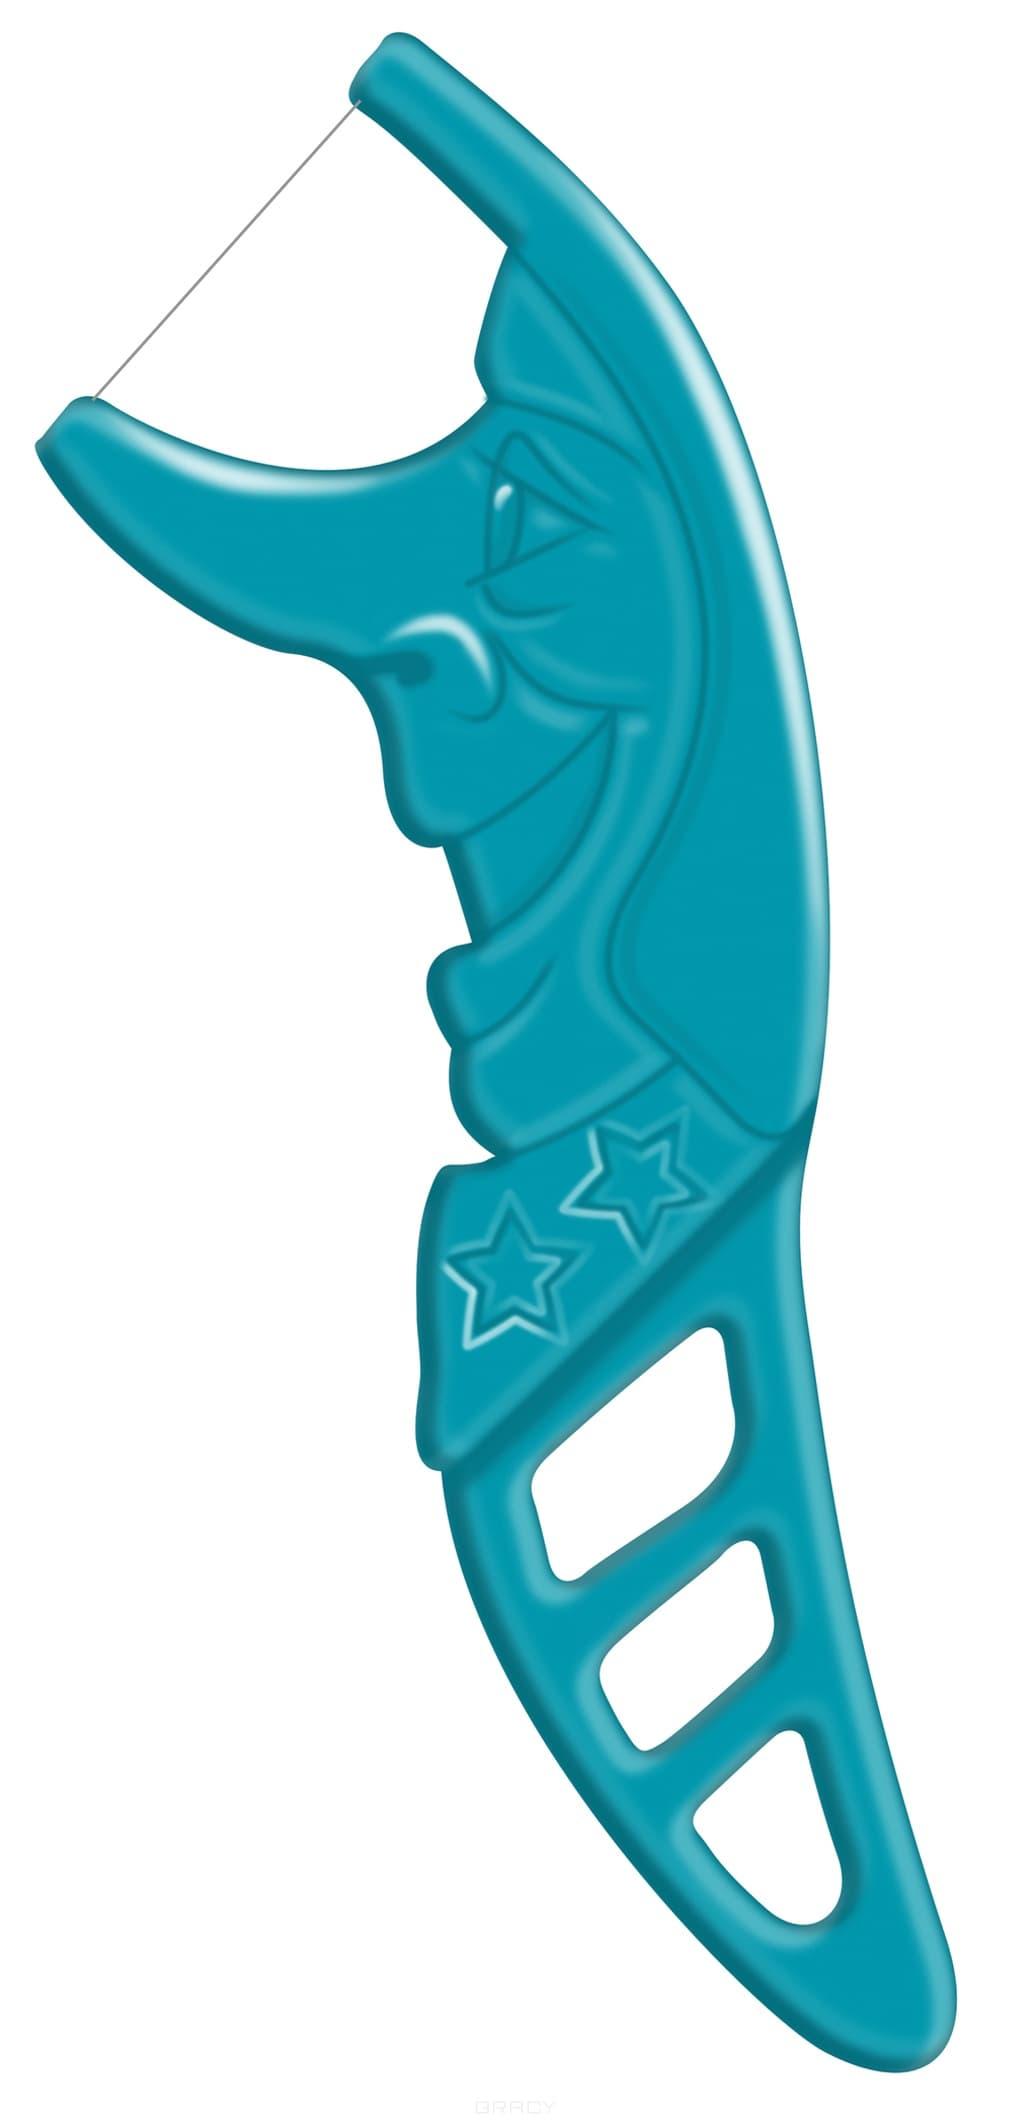 Зубной станок (флоссер) Kids, 28 шт./уп.PlackersKids  это специальный флоссер от Plackers для читки зубов (особенно молочных) детям&#13;<br>&#13;<br>  &#13;<br>      &#13;<br>    &#13;<br>&#13;<br>  Основные особенности:&#13;<br>&#13;<br>  Тонкая и мягкая нить позволяет производить аккуратную чистку молочных зубов, не повреждая их&#13;<br>    &#13;<br>  Специальная констркция защищает десны от случайного повреждения во время чистки&#13;<br>    &#13;<br>  Легко скользит между зубами&#13;<br>    &#13;<br>  Запатентованная нить Tuffloss не изнашивается, в семь раз прочнее, чем обычная зубная нить&#13;<br>    &#13;<br>  Количество в пачке -28 шт.&#13;<br>&#13;<br>  &#13;<br>    &#13;<br>          &#13;<br>        &#13;<br>  &#13;<br>    &#13;<br>      PlackersKids - специальная разработка Plackers для ухода за детскими зубами. Молочные зубыв больше степениподвержены кариесу, чем коренные, а значит требуют не меньшего ухода! С помощью Plackers Kids Вы эффективно удалите остатки пищи и зубной налет уВашего ребенка. Кроме того, процедура чистки зубов с помощью флоссера настолько проста и интуитивно понятна, что вскоре Ваш ребенок будет сам будет чистить зубы.&#13;<br>    &#13;<br>      Флоссеры Placker...<br>